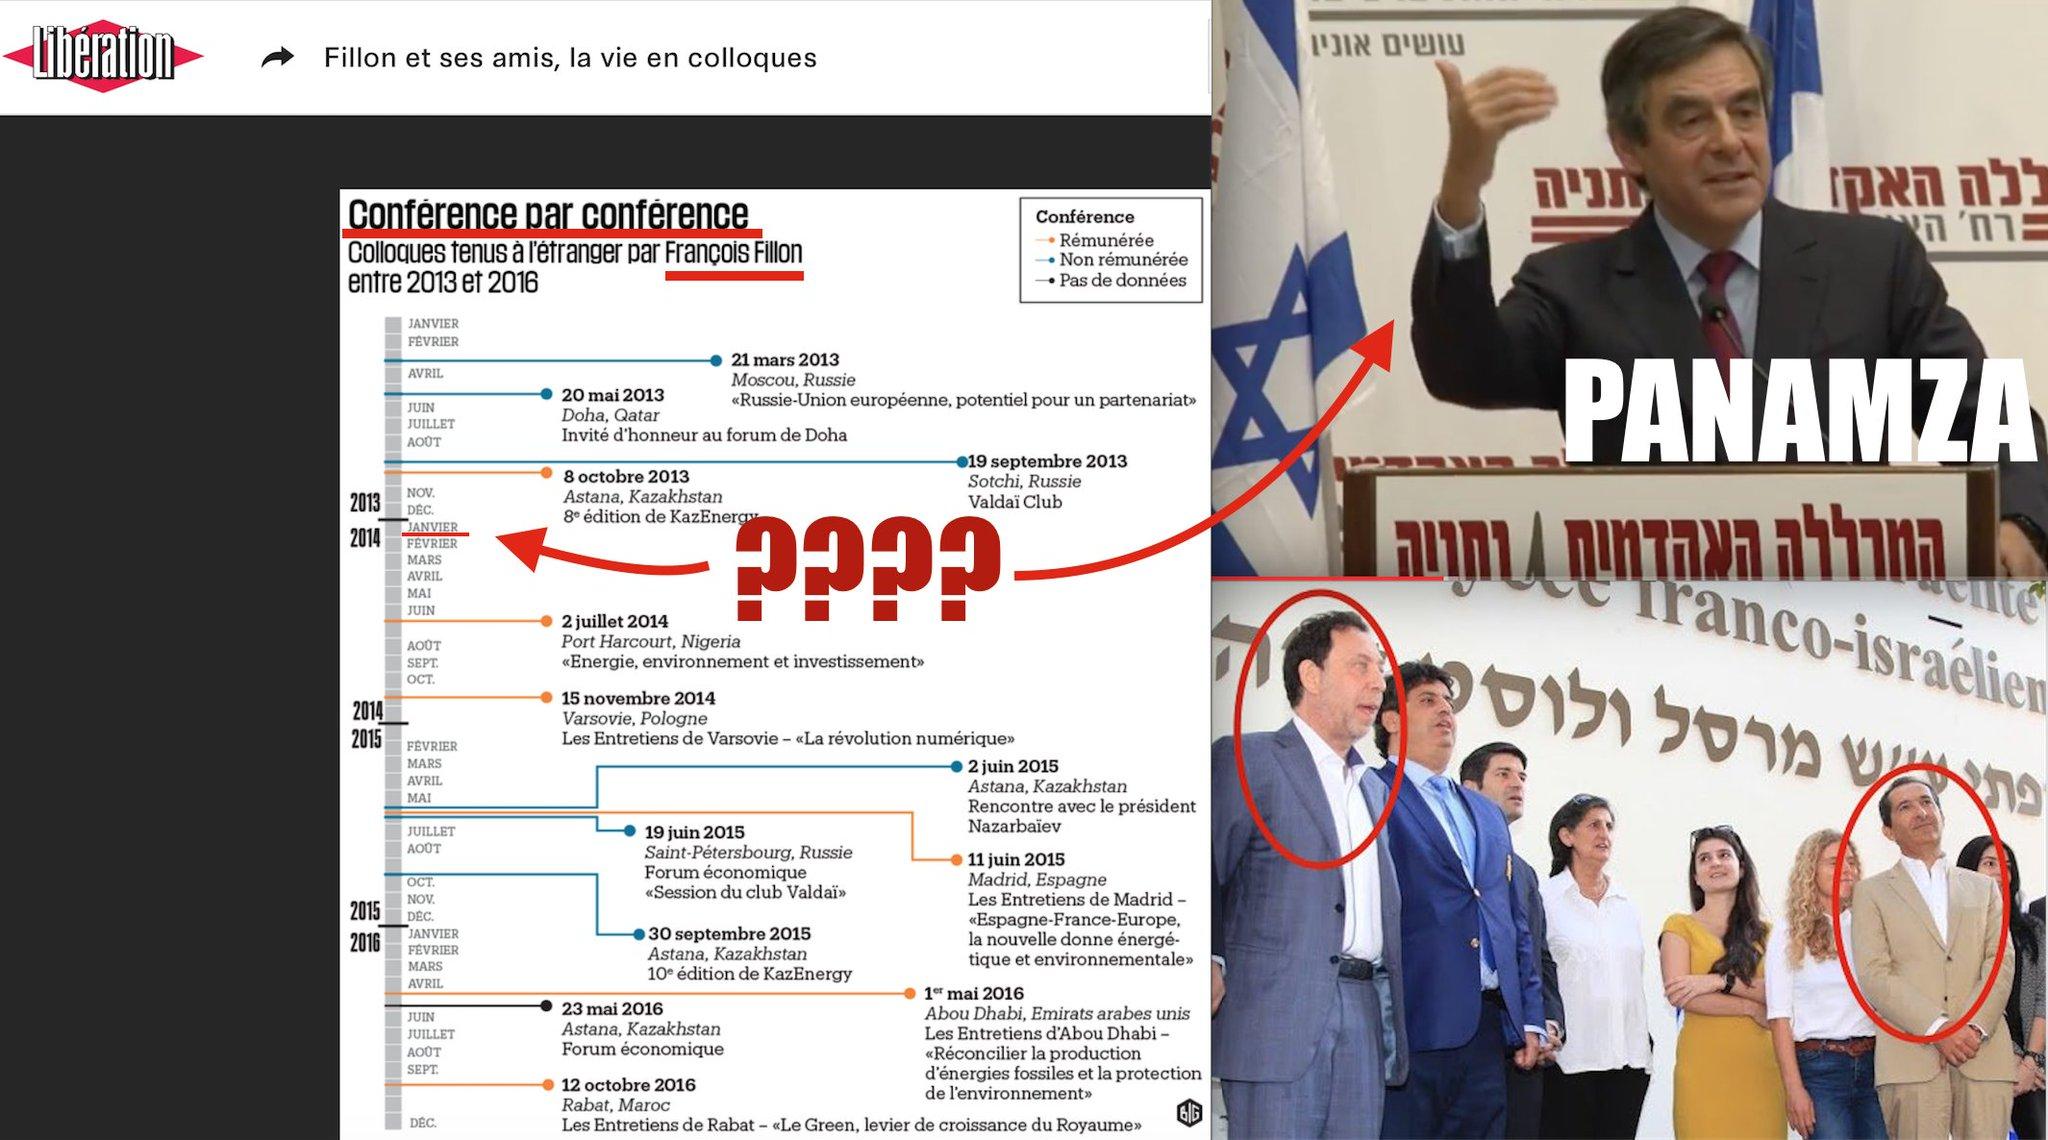 Qui a payé la conférence de Fillon en Israël ?